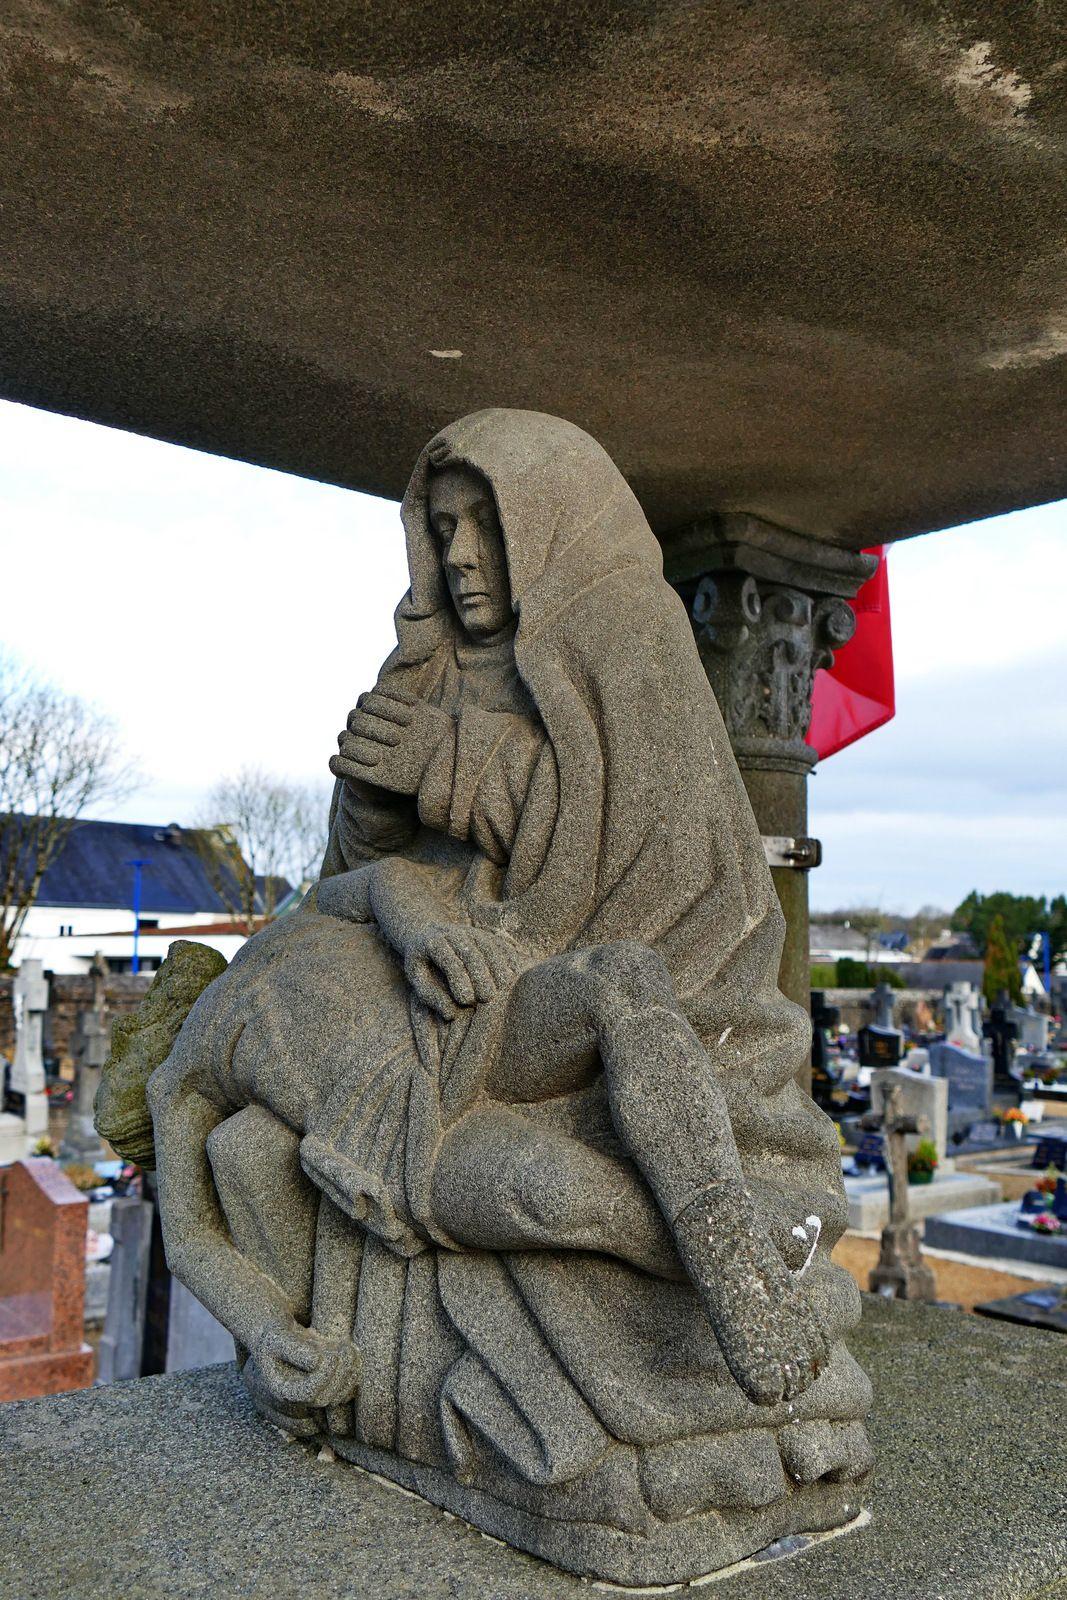 Vierge de Pitié (kersanton, atelier Prigent v. 1550) du Monument aux morts, cimetière de Plouvorn. Photographie lavieb-aile 2021.